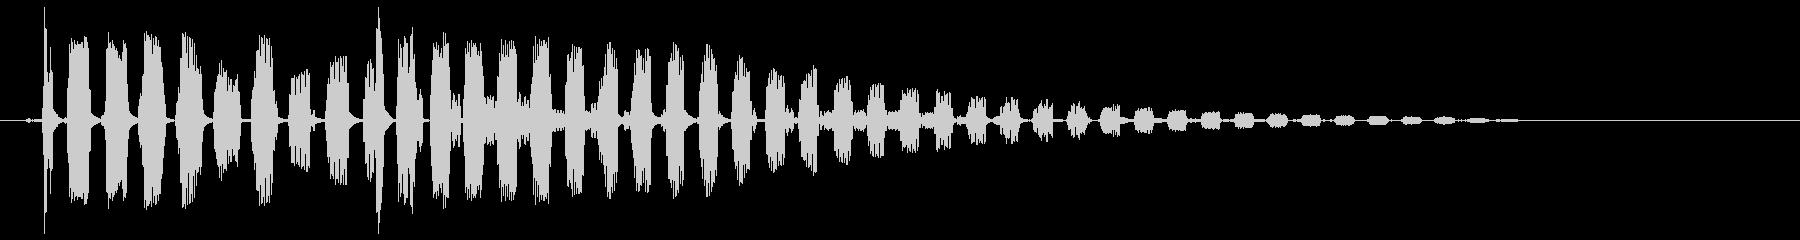 グリュルルン(お腹を壊したような音)の未再生の波形